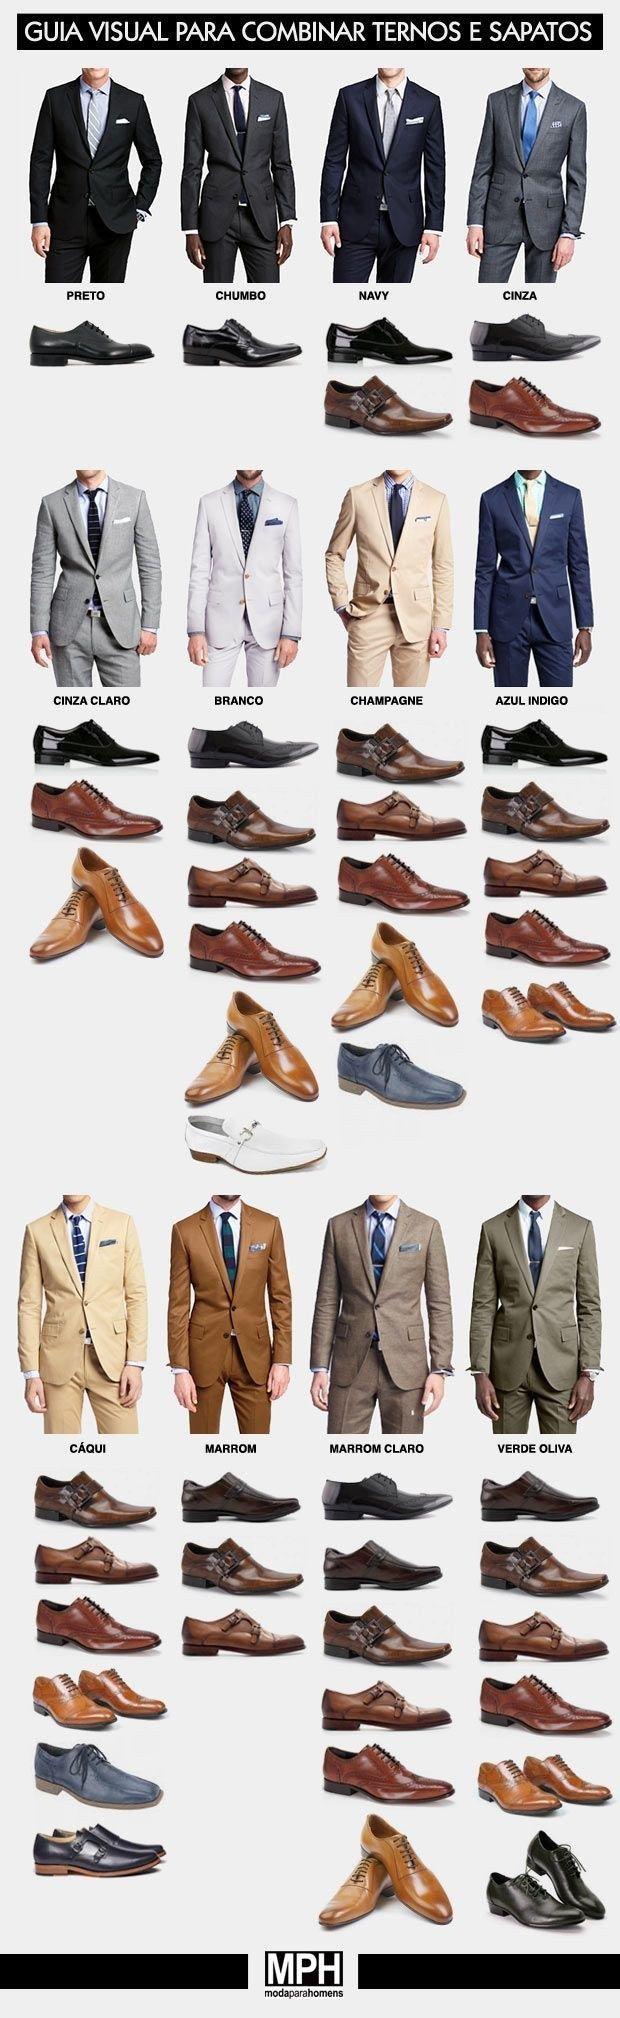 Как подобрать к костюму туфли или ботинки.